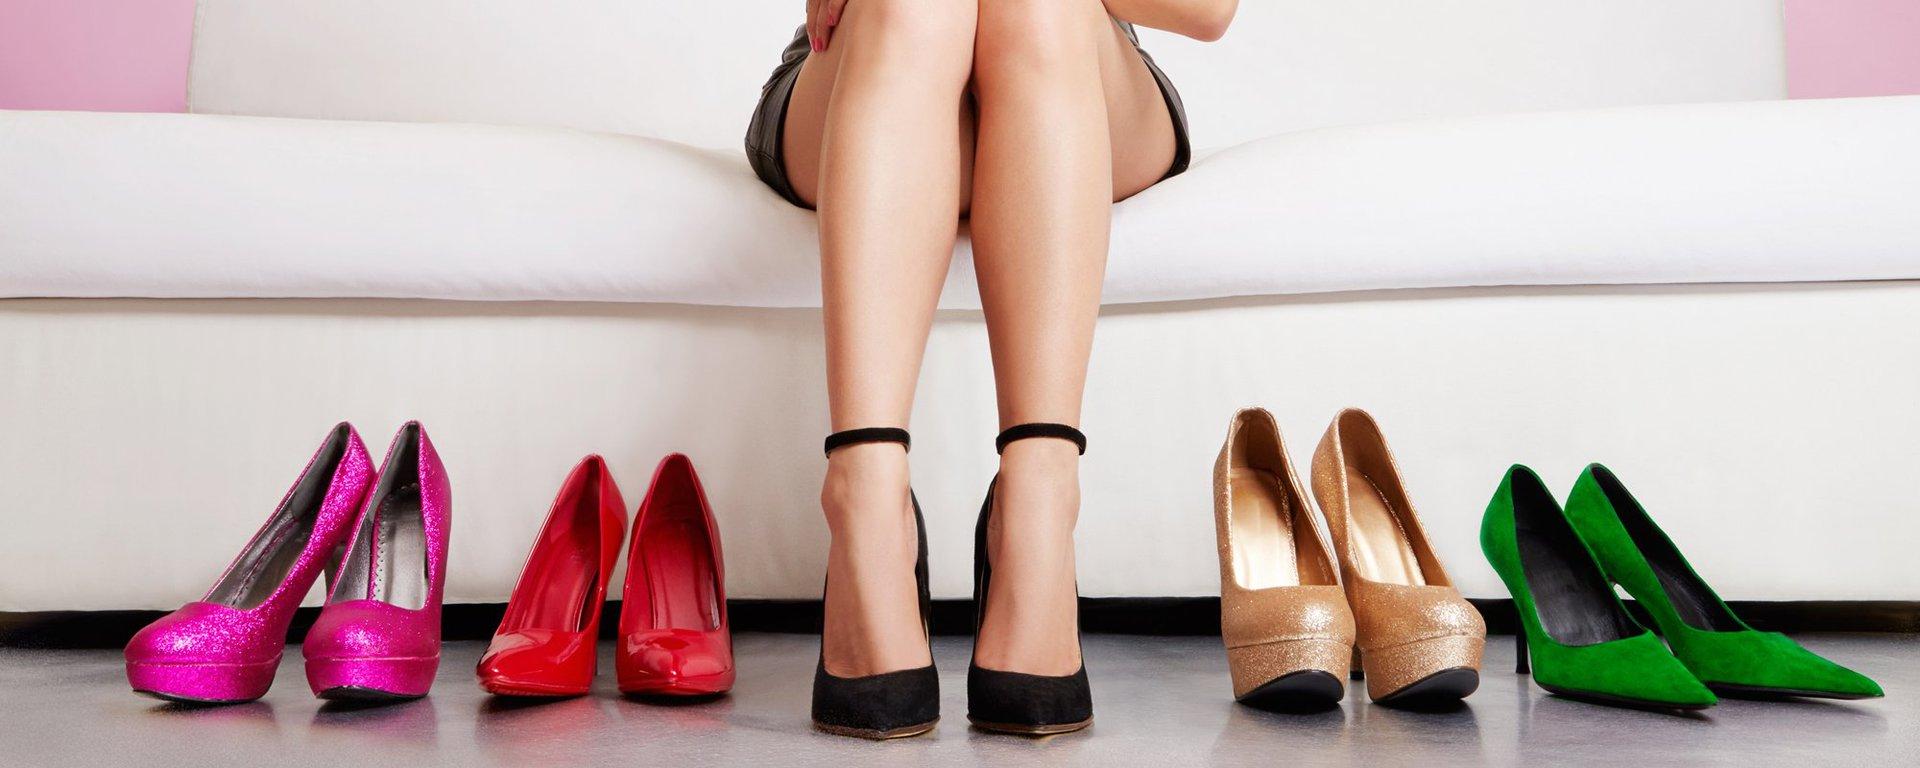 5 mẫu giày đẹp mà quý cô nào cũng nên có 2